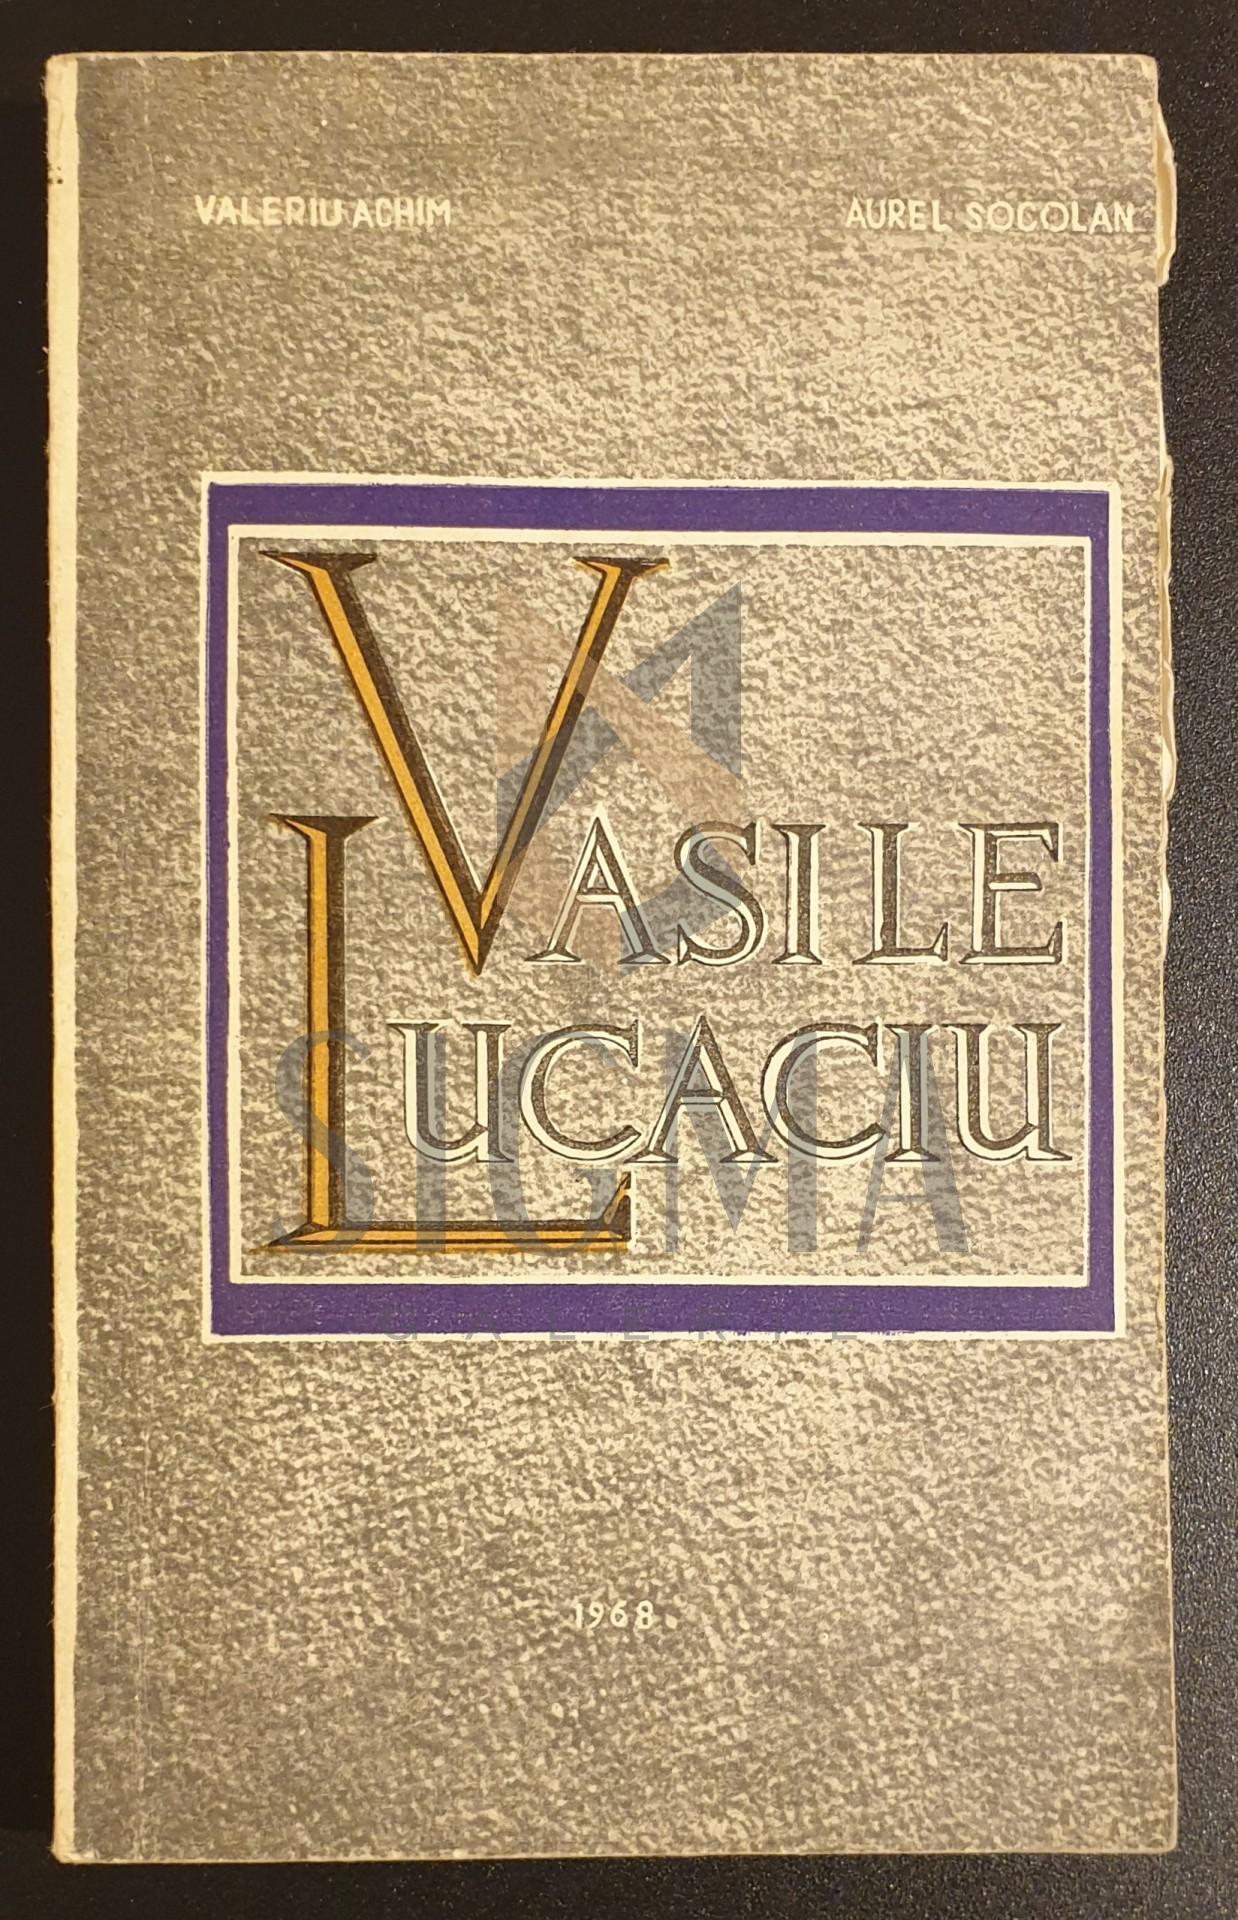 Dr. Vasile Lucaciu, luptator pentru drepturile romanilor si unirea Transilvaniei cu Romania